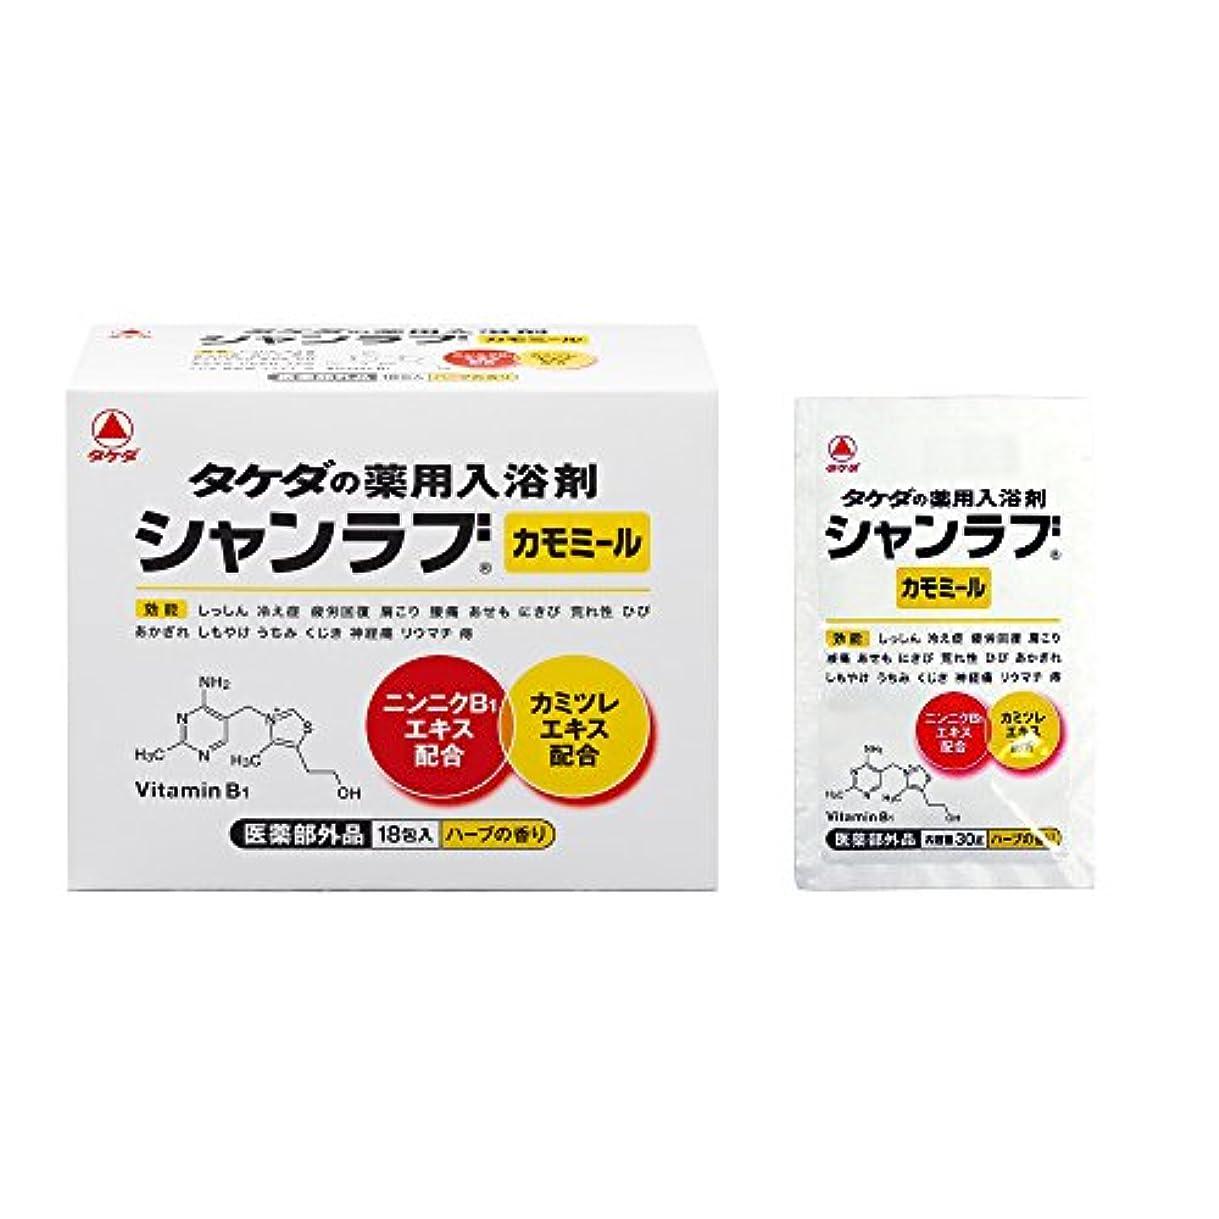 薬用入浴剤 シャンラブ カモミール 18包入 【医薬部外品】